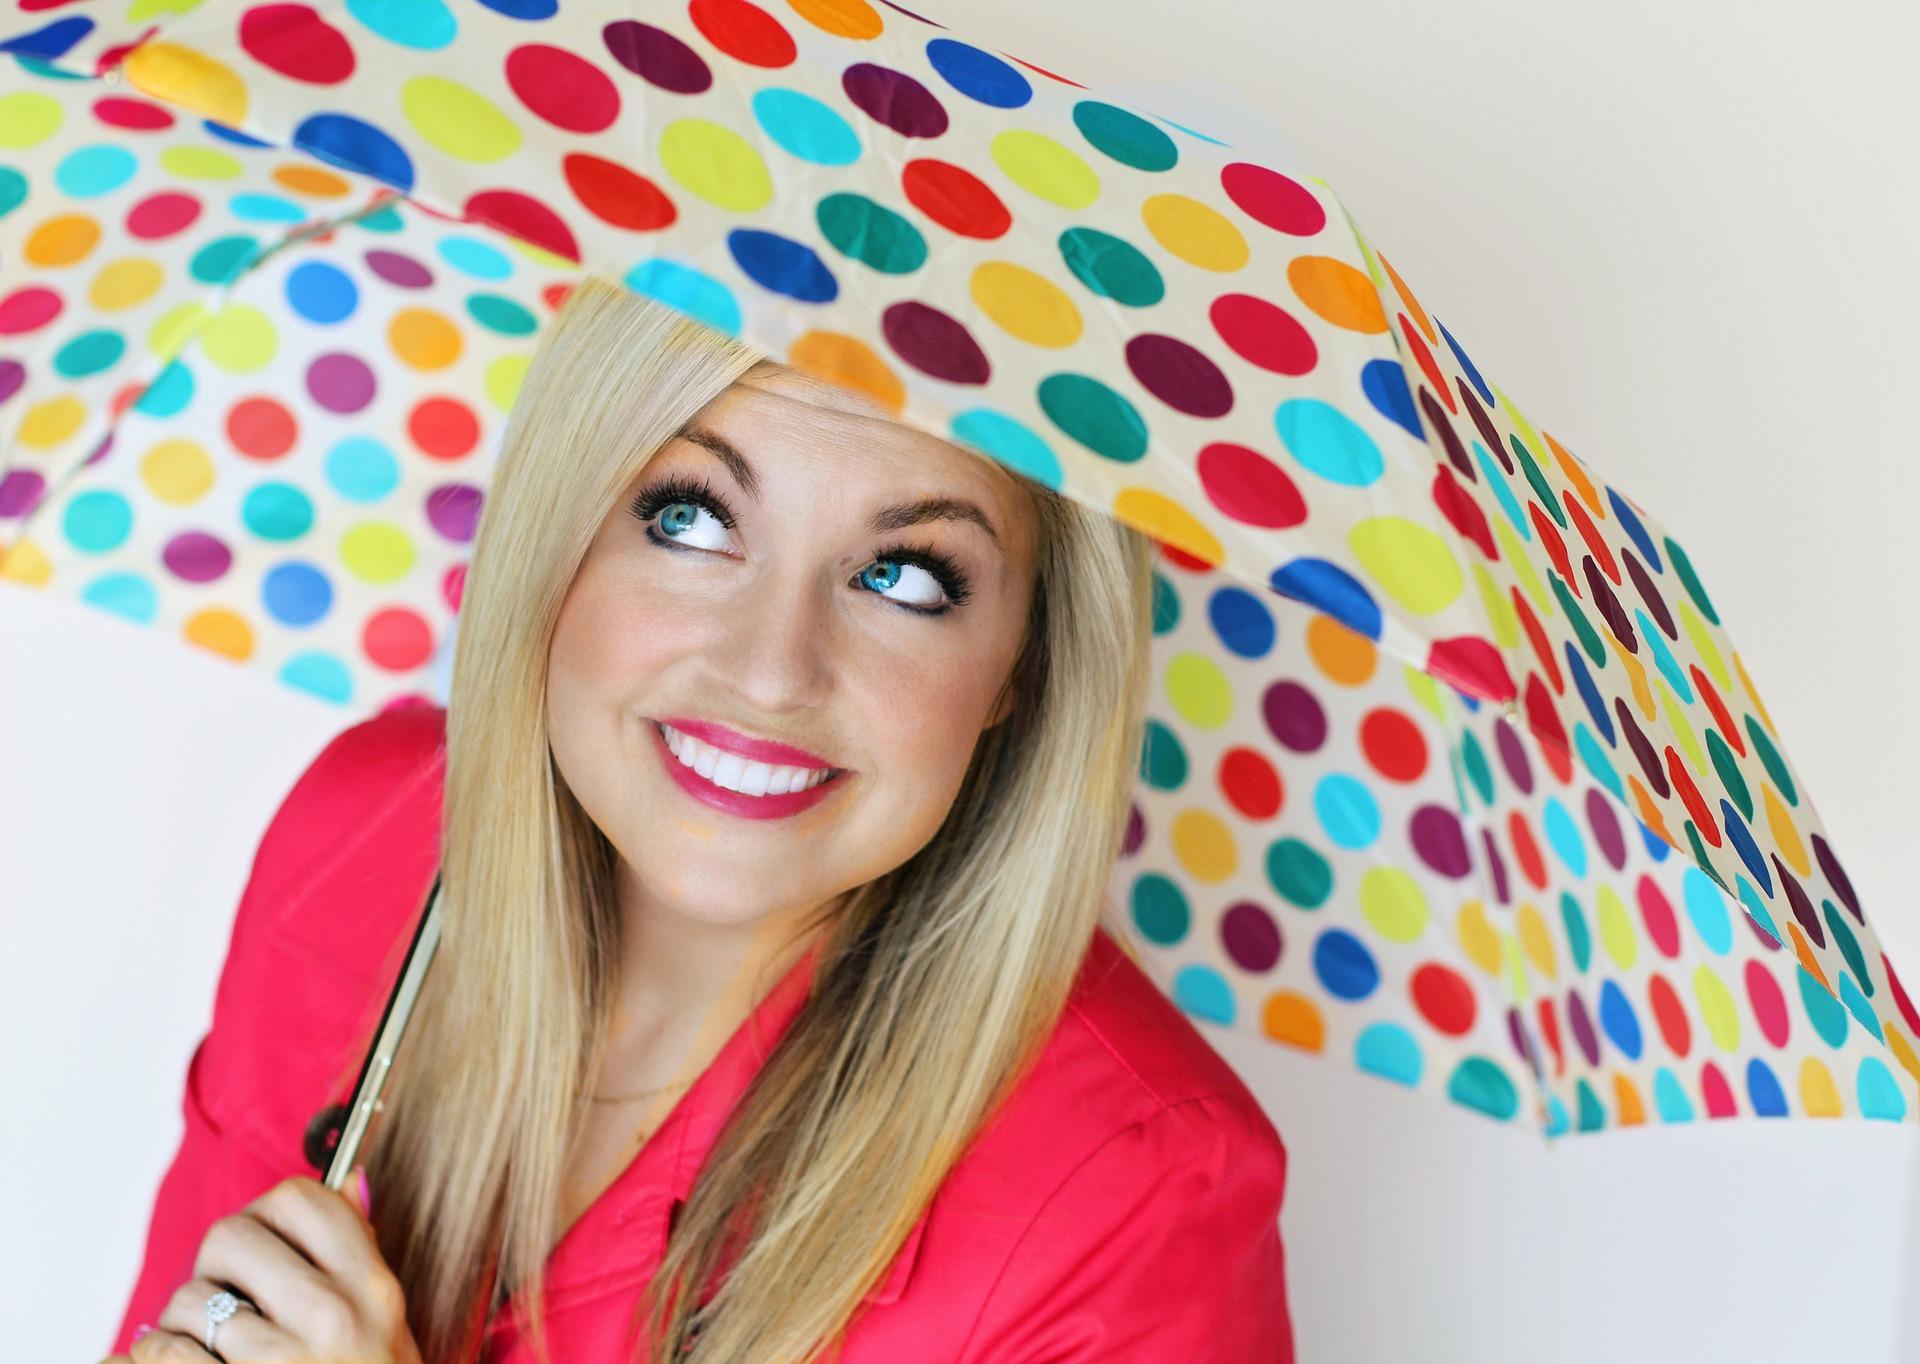 rainbow dots umbrella